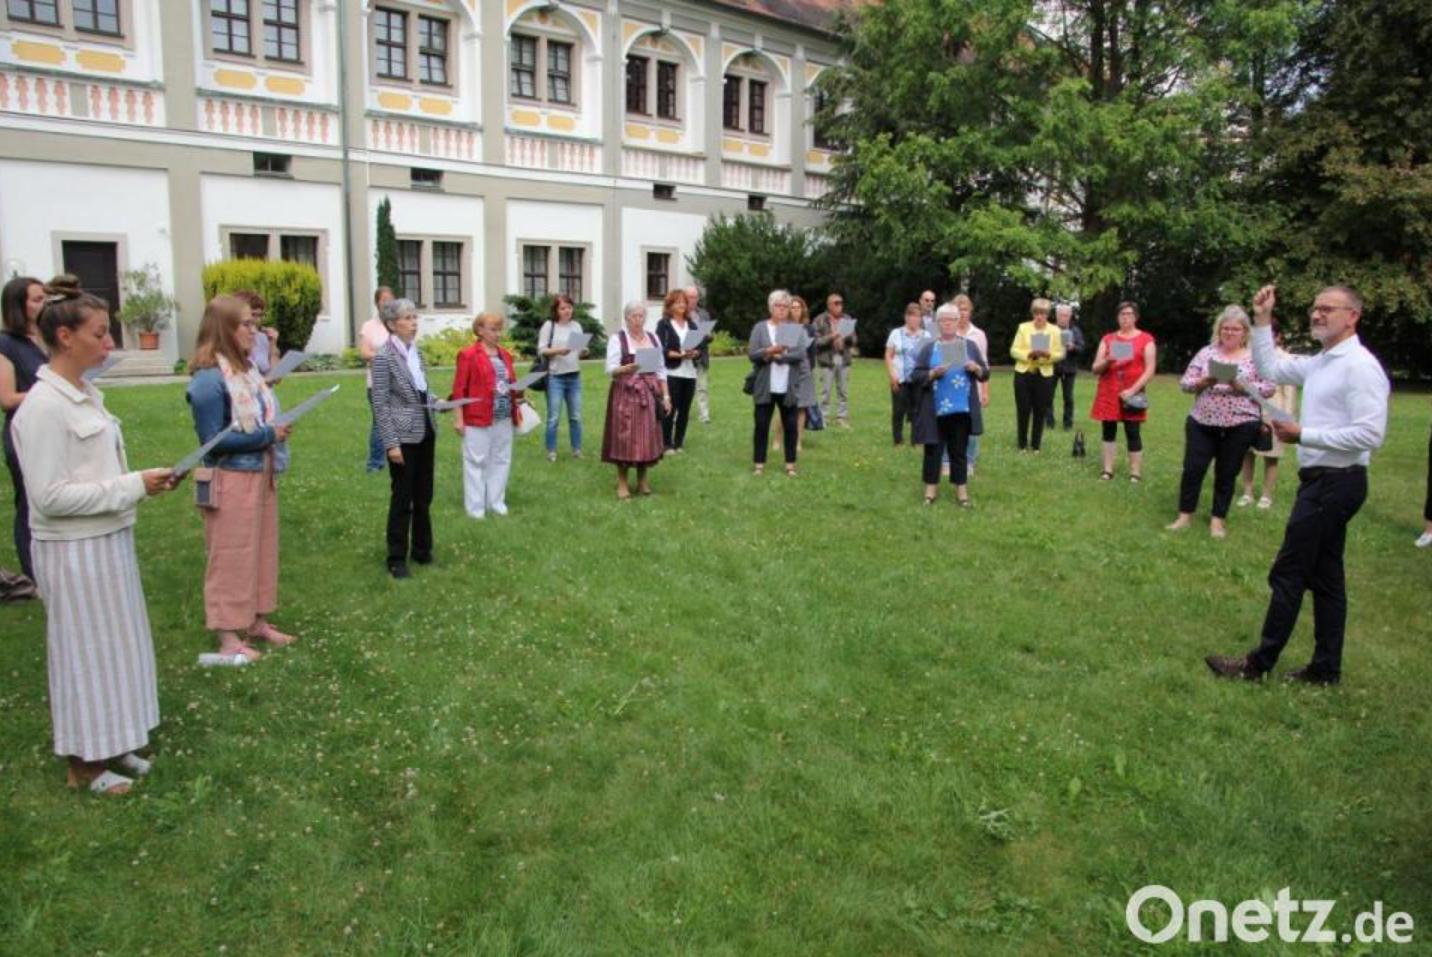 Kirchenmusikdirektor Sagstetter 20 Jahre im Amt